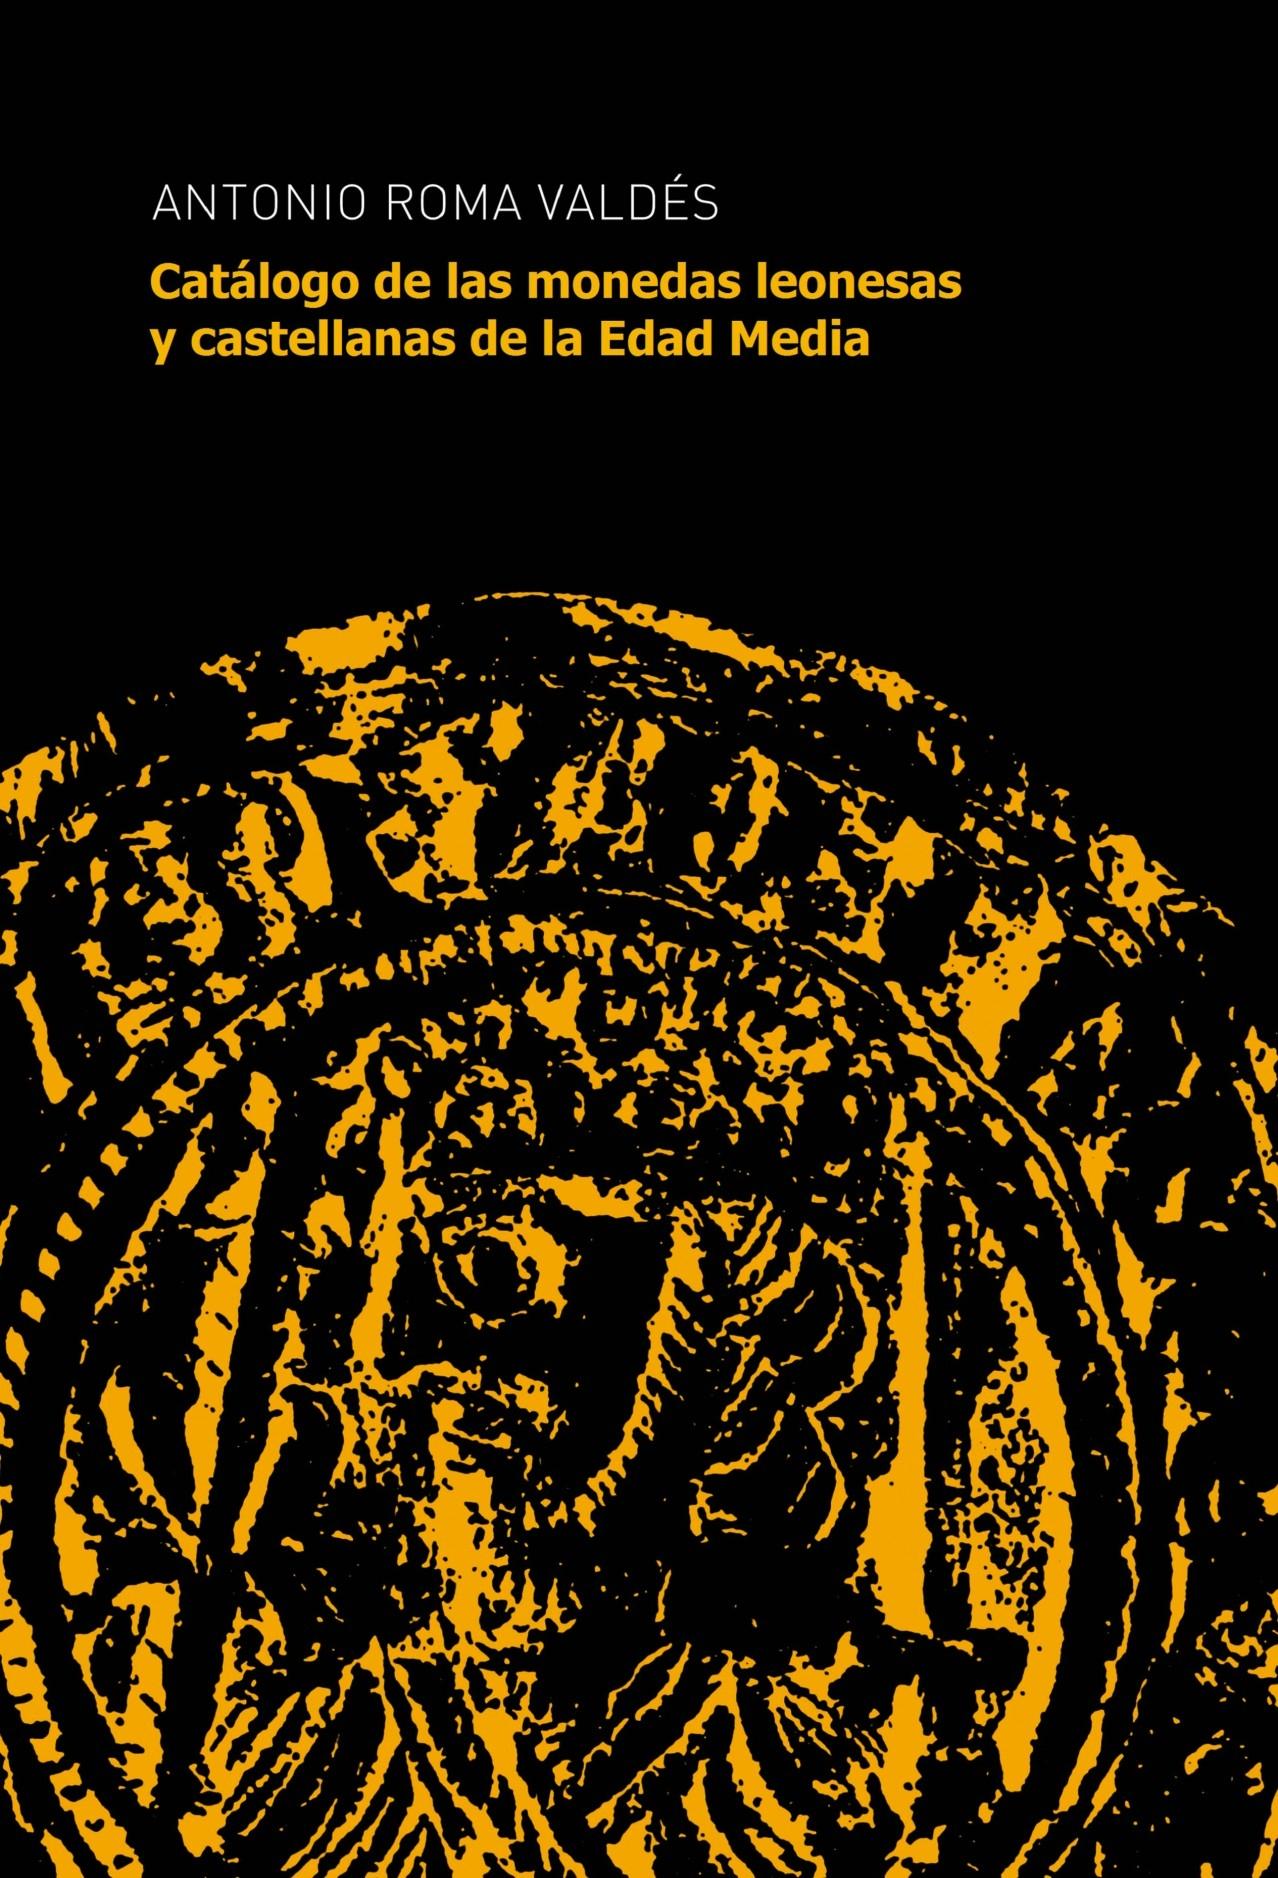 Dinero de Alfonso IX - Reino de León 1188-1230. León Catalogo-de-las-monedas-leonesas-y-castellanas-de-la-Edad-Media